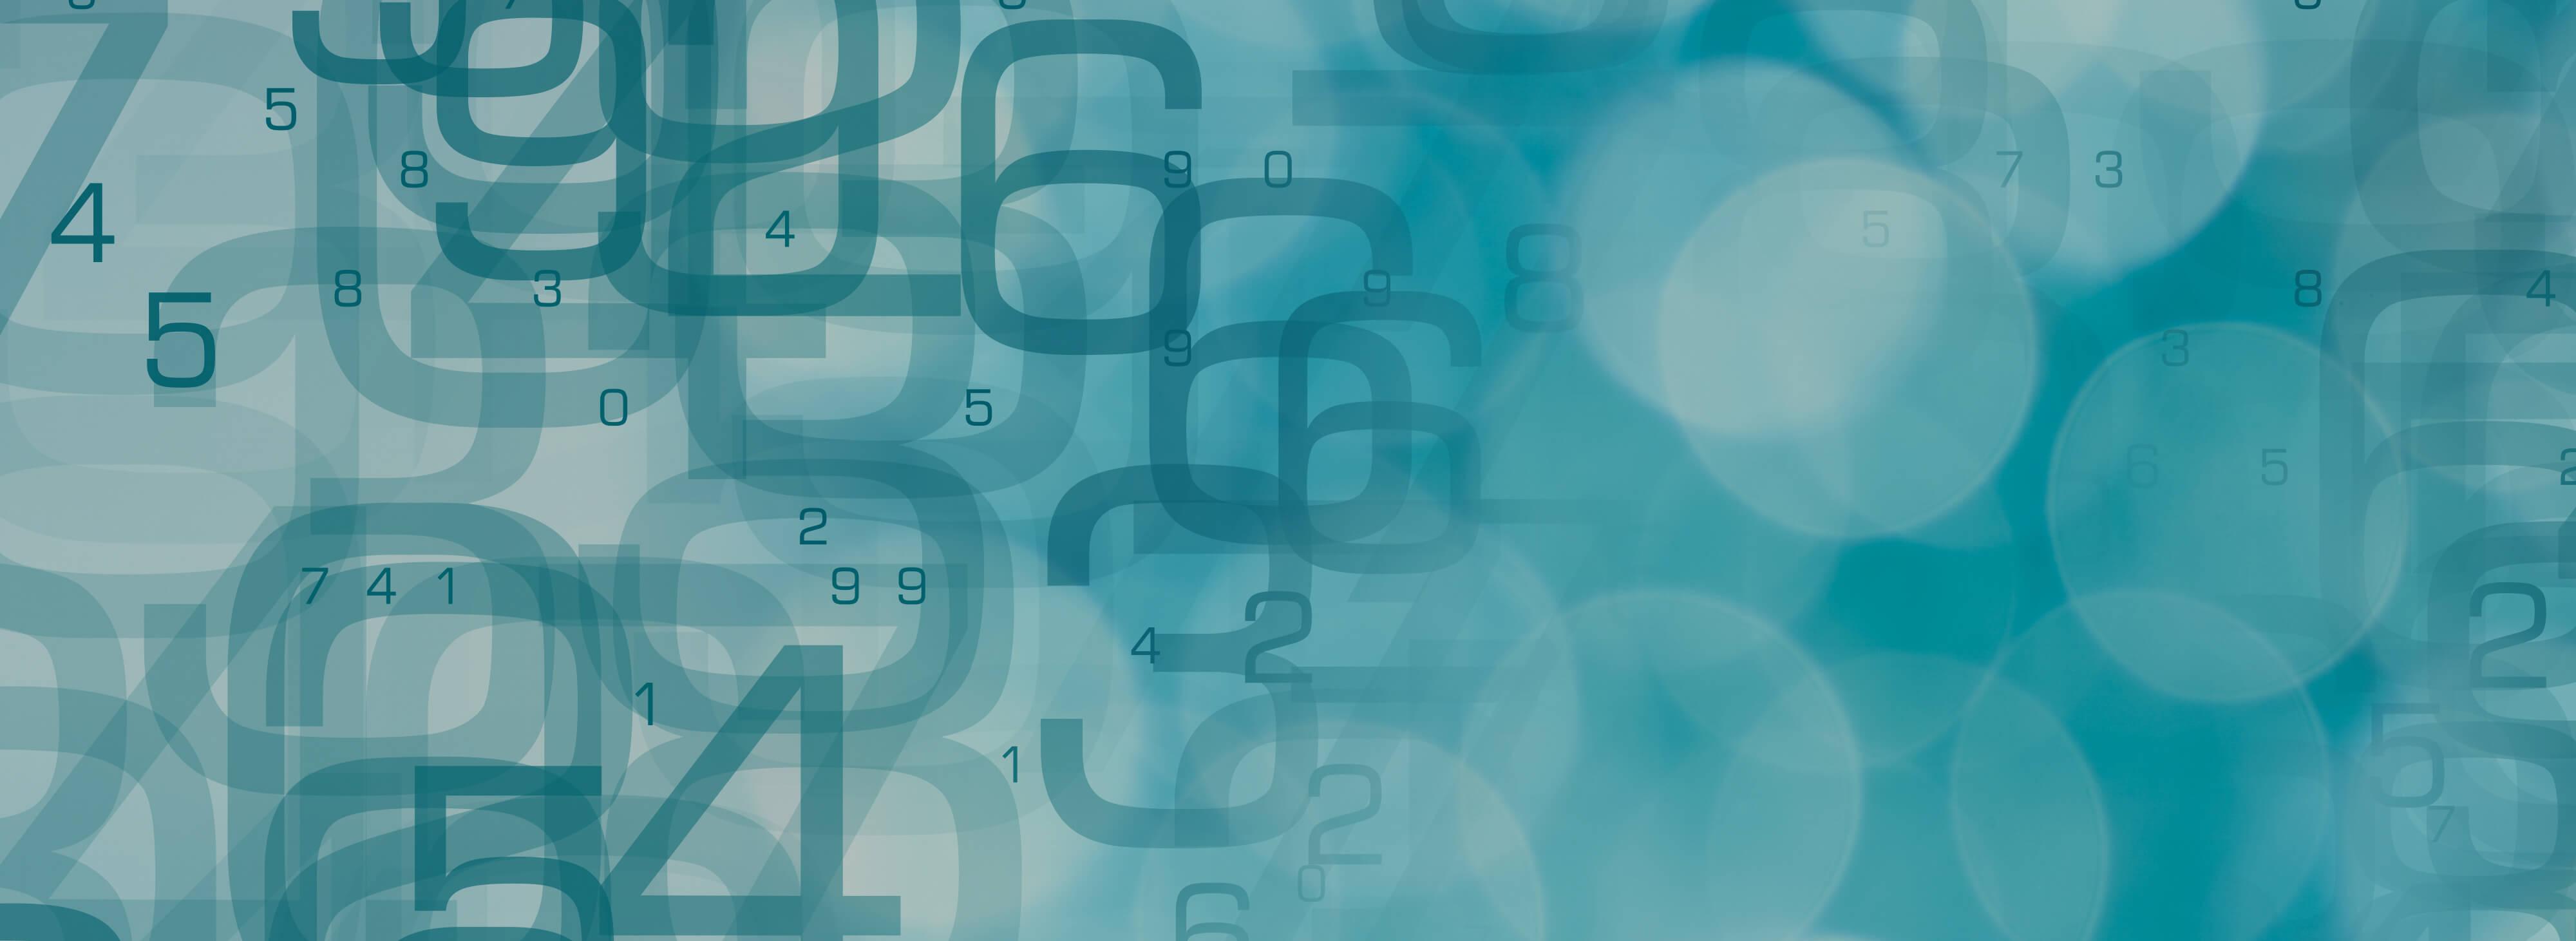 Zahlen: Veränderung der Rechengrößen in der Sozialversicherung